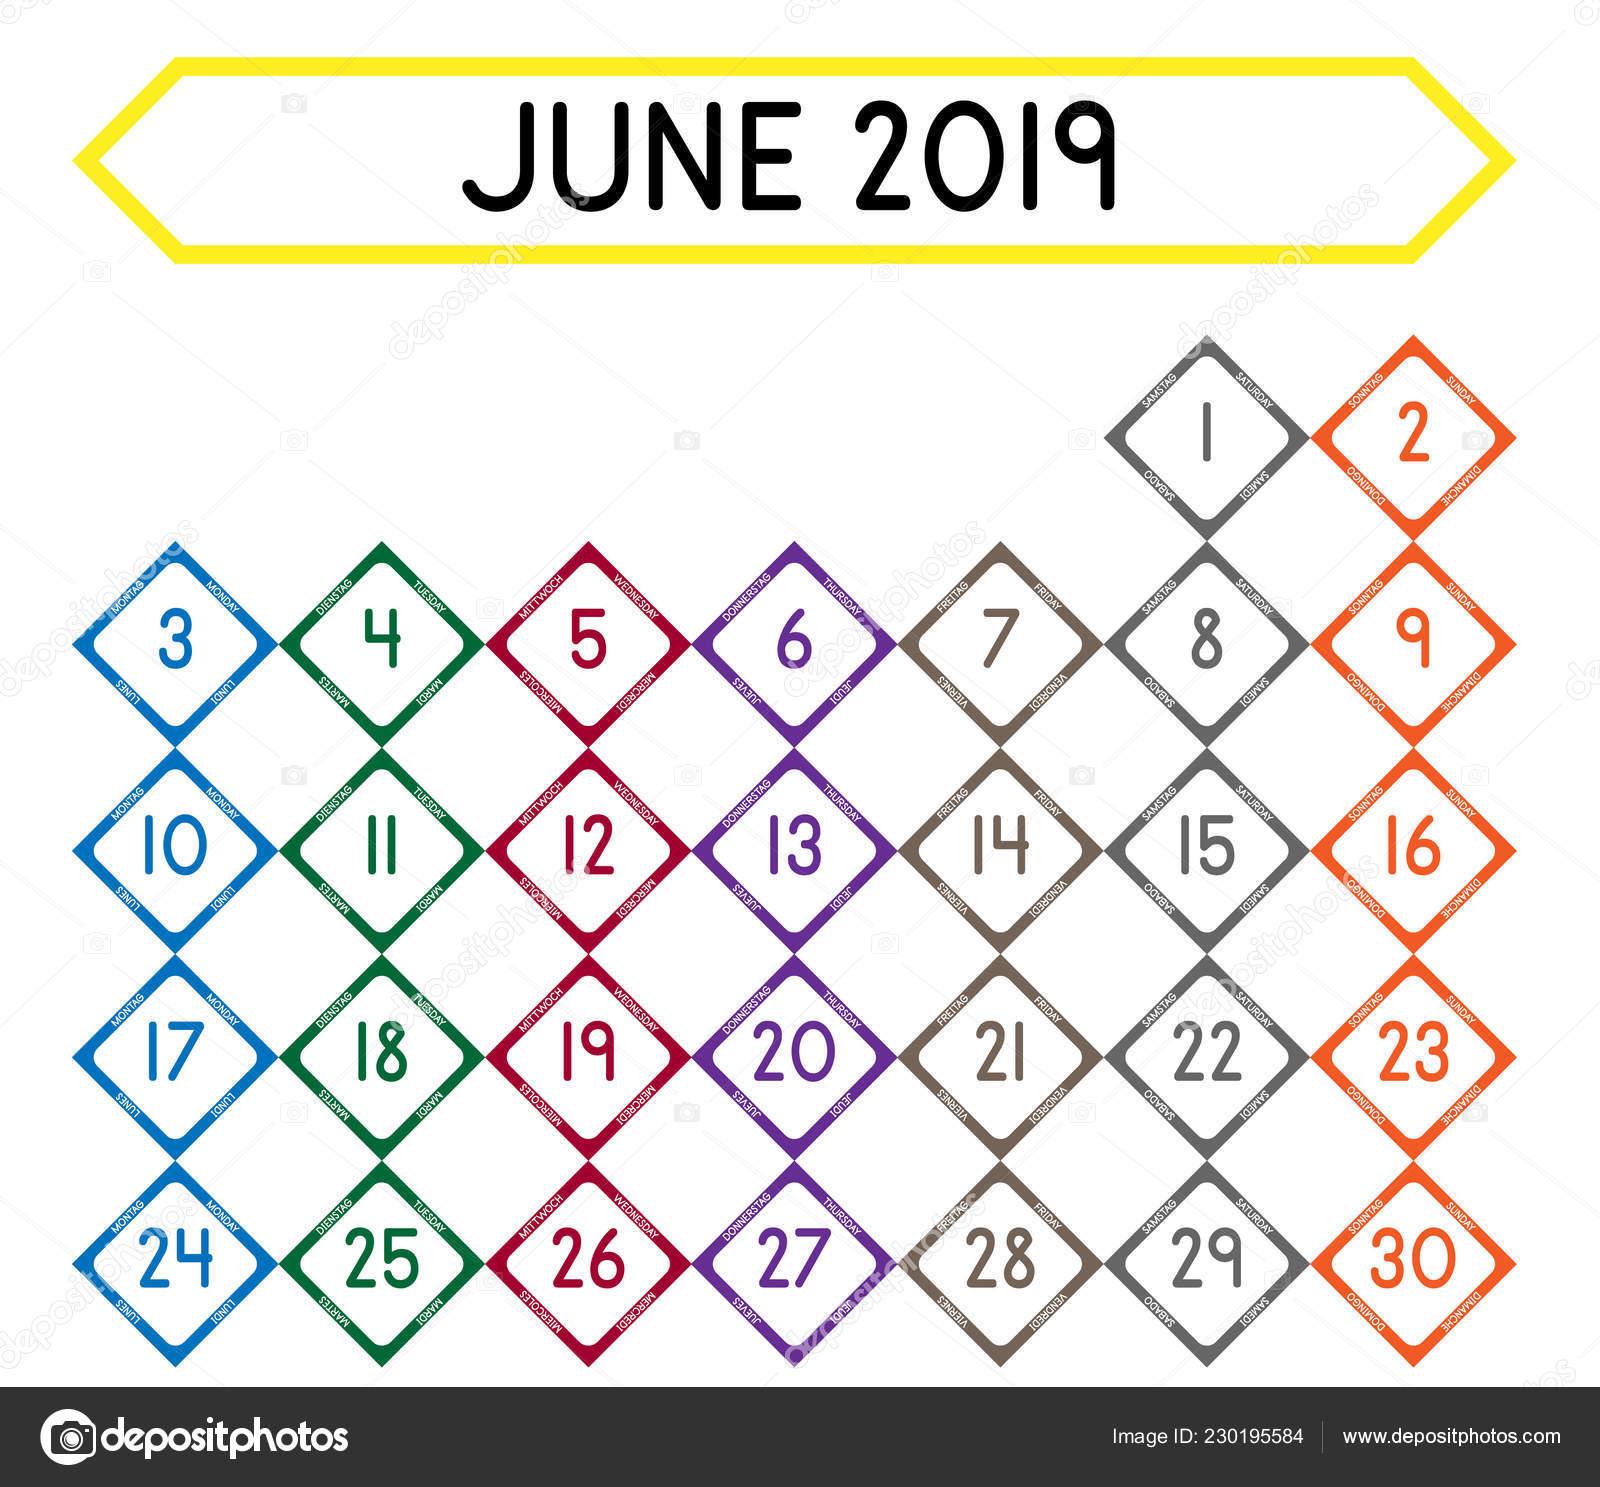 Calendario Diario 2019.Detallado Calendario Diario Del Mes Junio 2019 Archivo